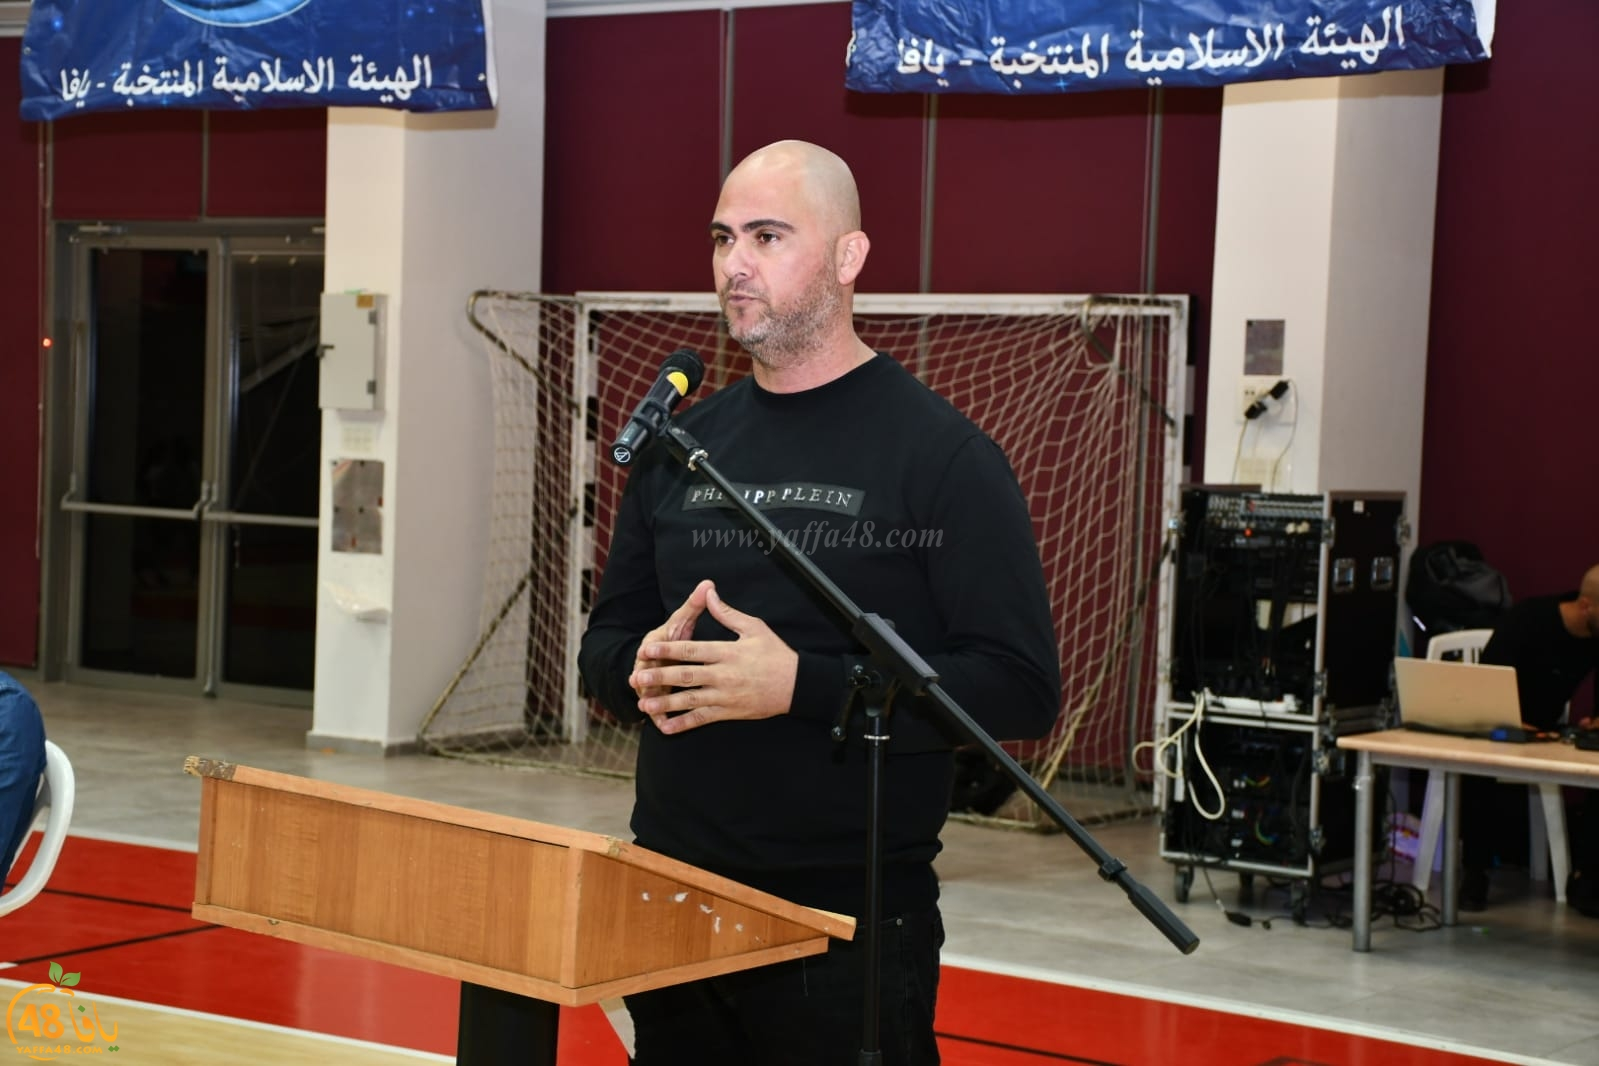 بعد النجاح الكبير في قضيتهم - حضور غفير في احتفال الصيادين بمدينة يافا